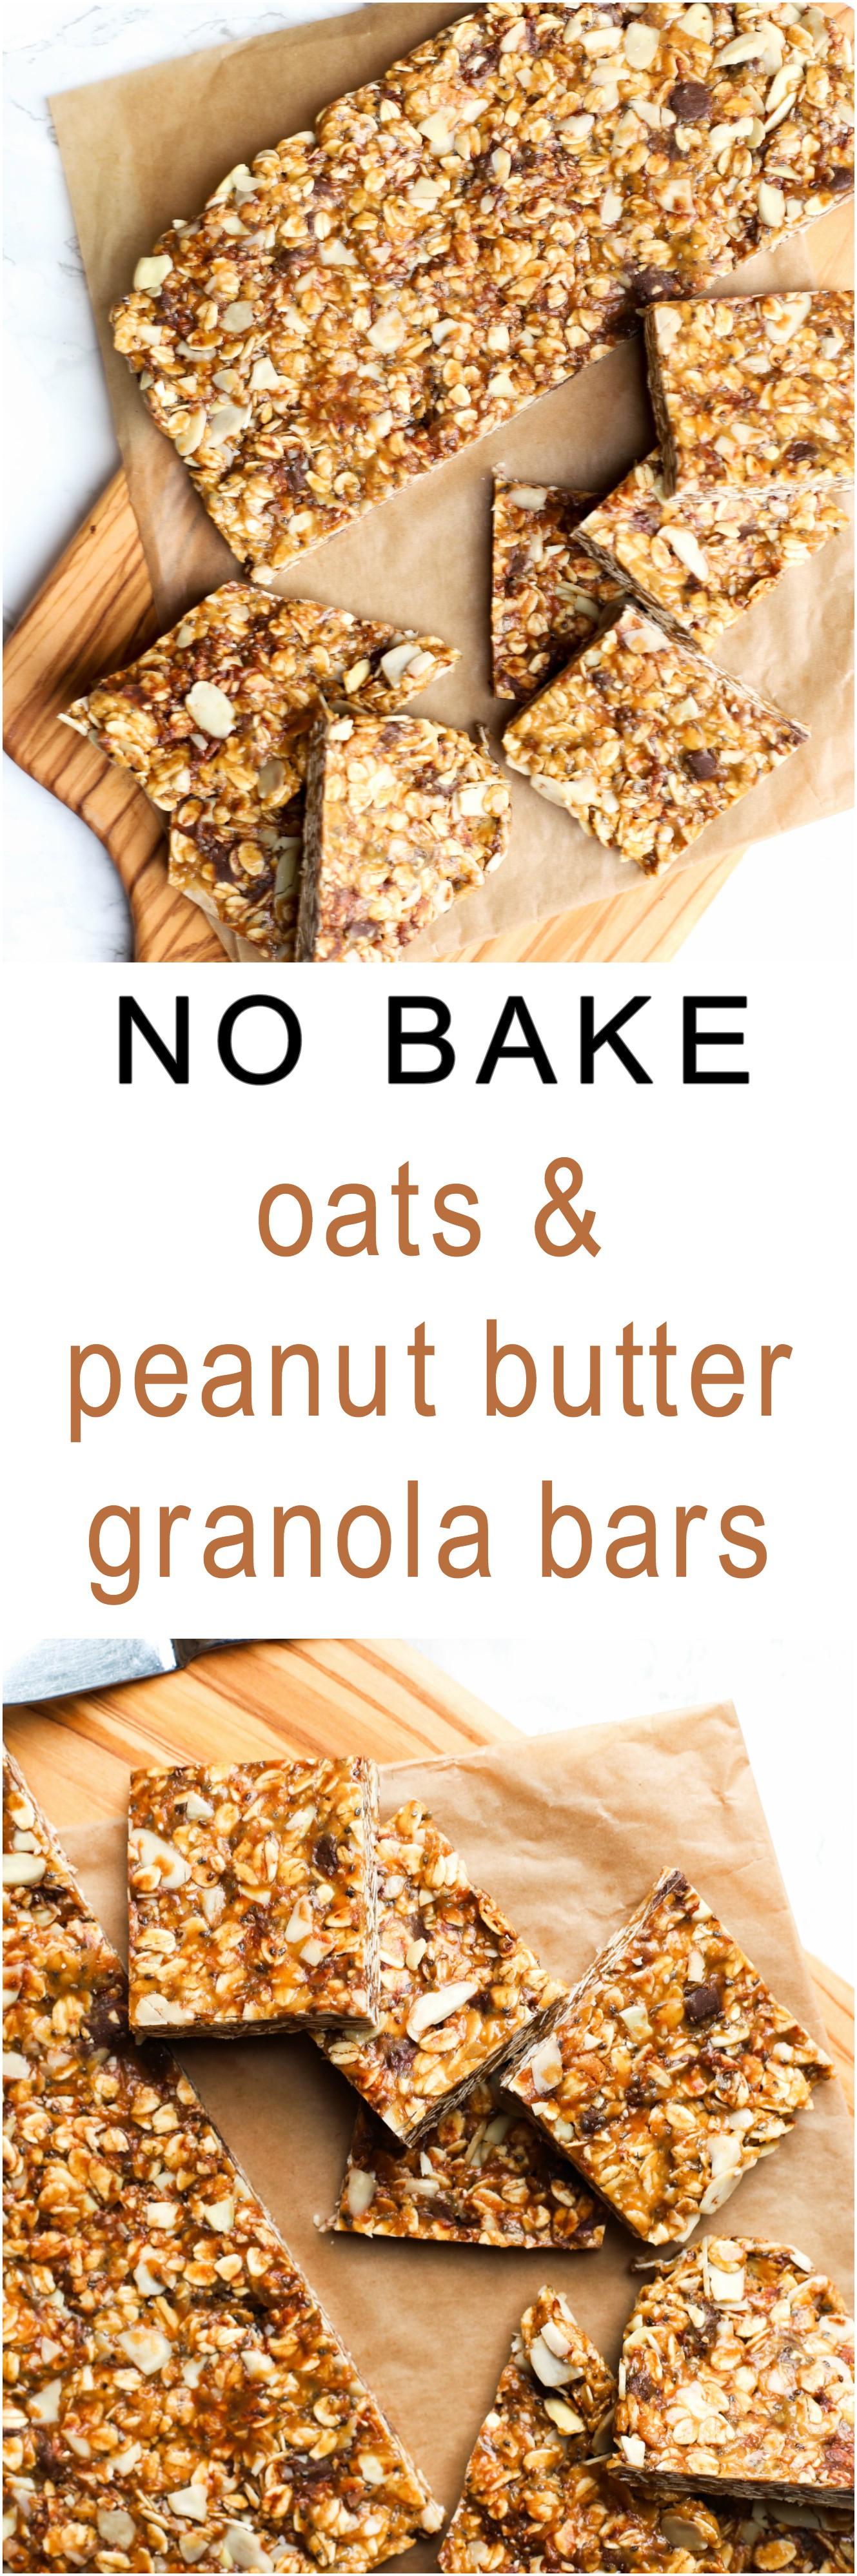 no bake oats and pb granola bars.jpg